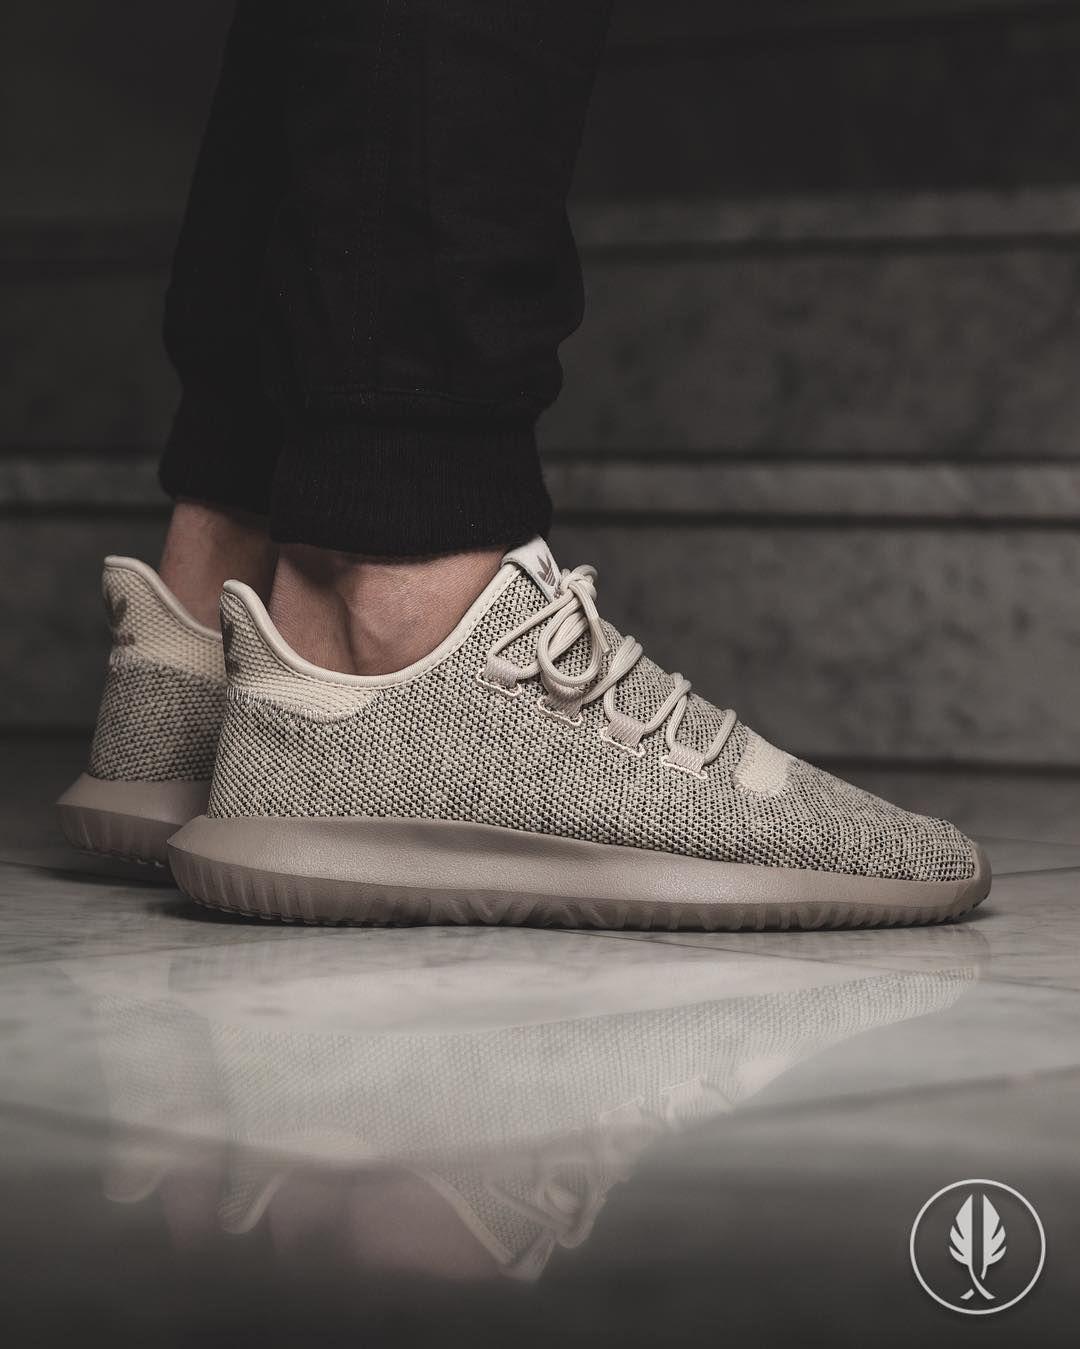 3c388b47c58 adidas yeezy boost release date adidas tubular shadow knit